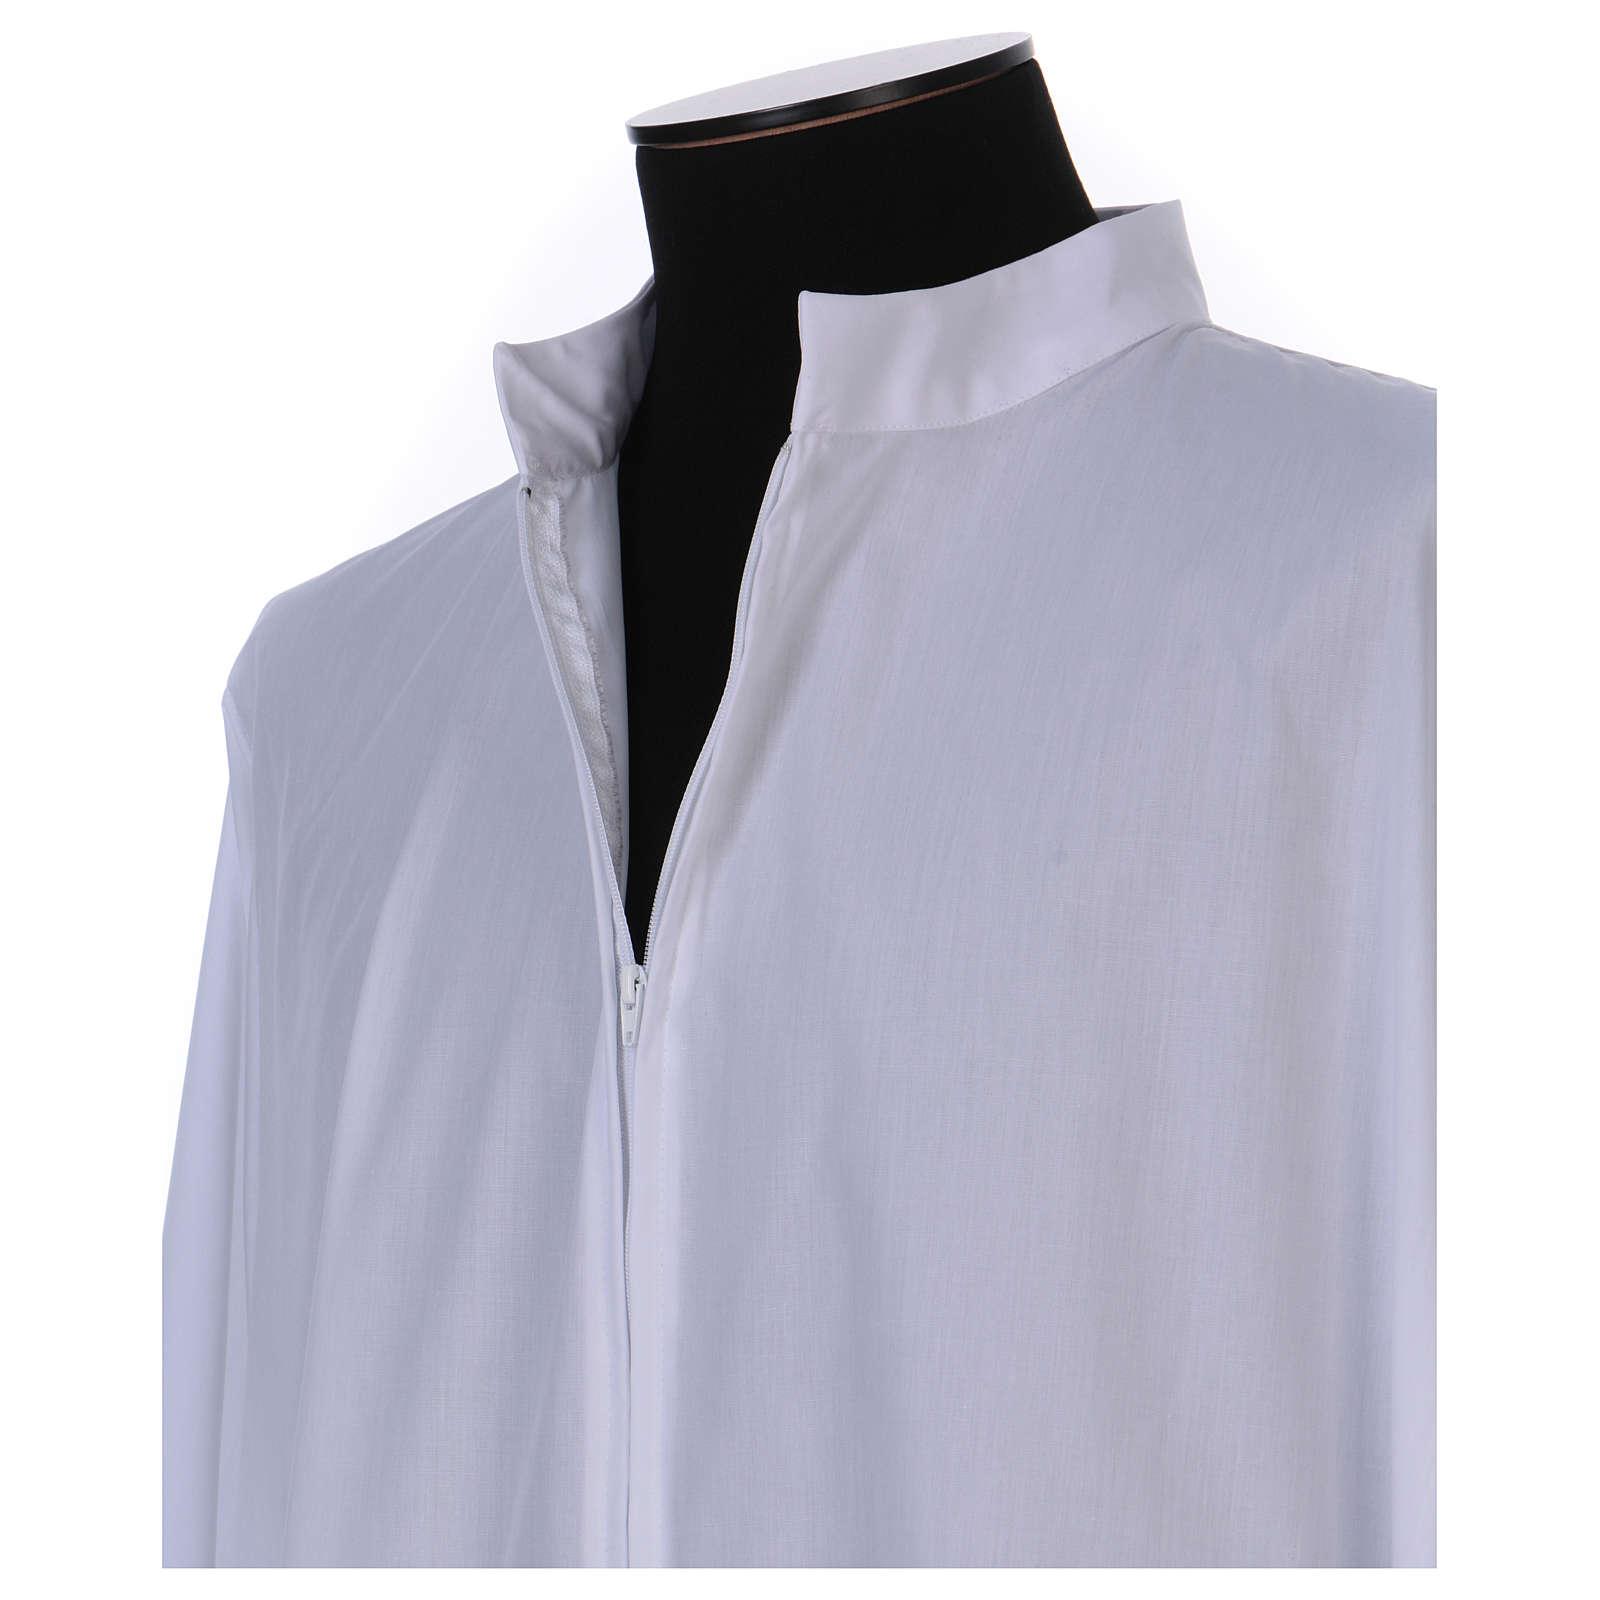 Alba blanco 65% poliéster 35% algodón cremallera delante 4